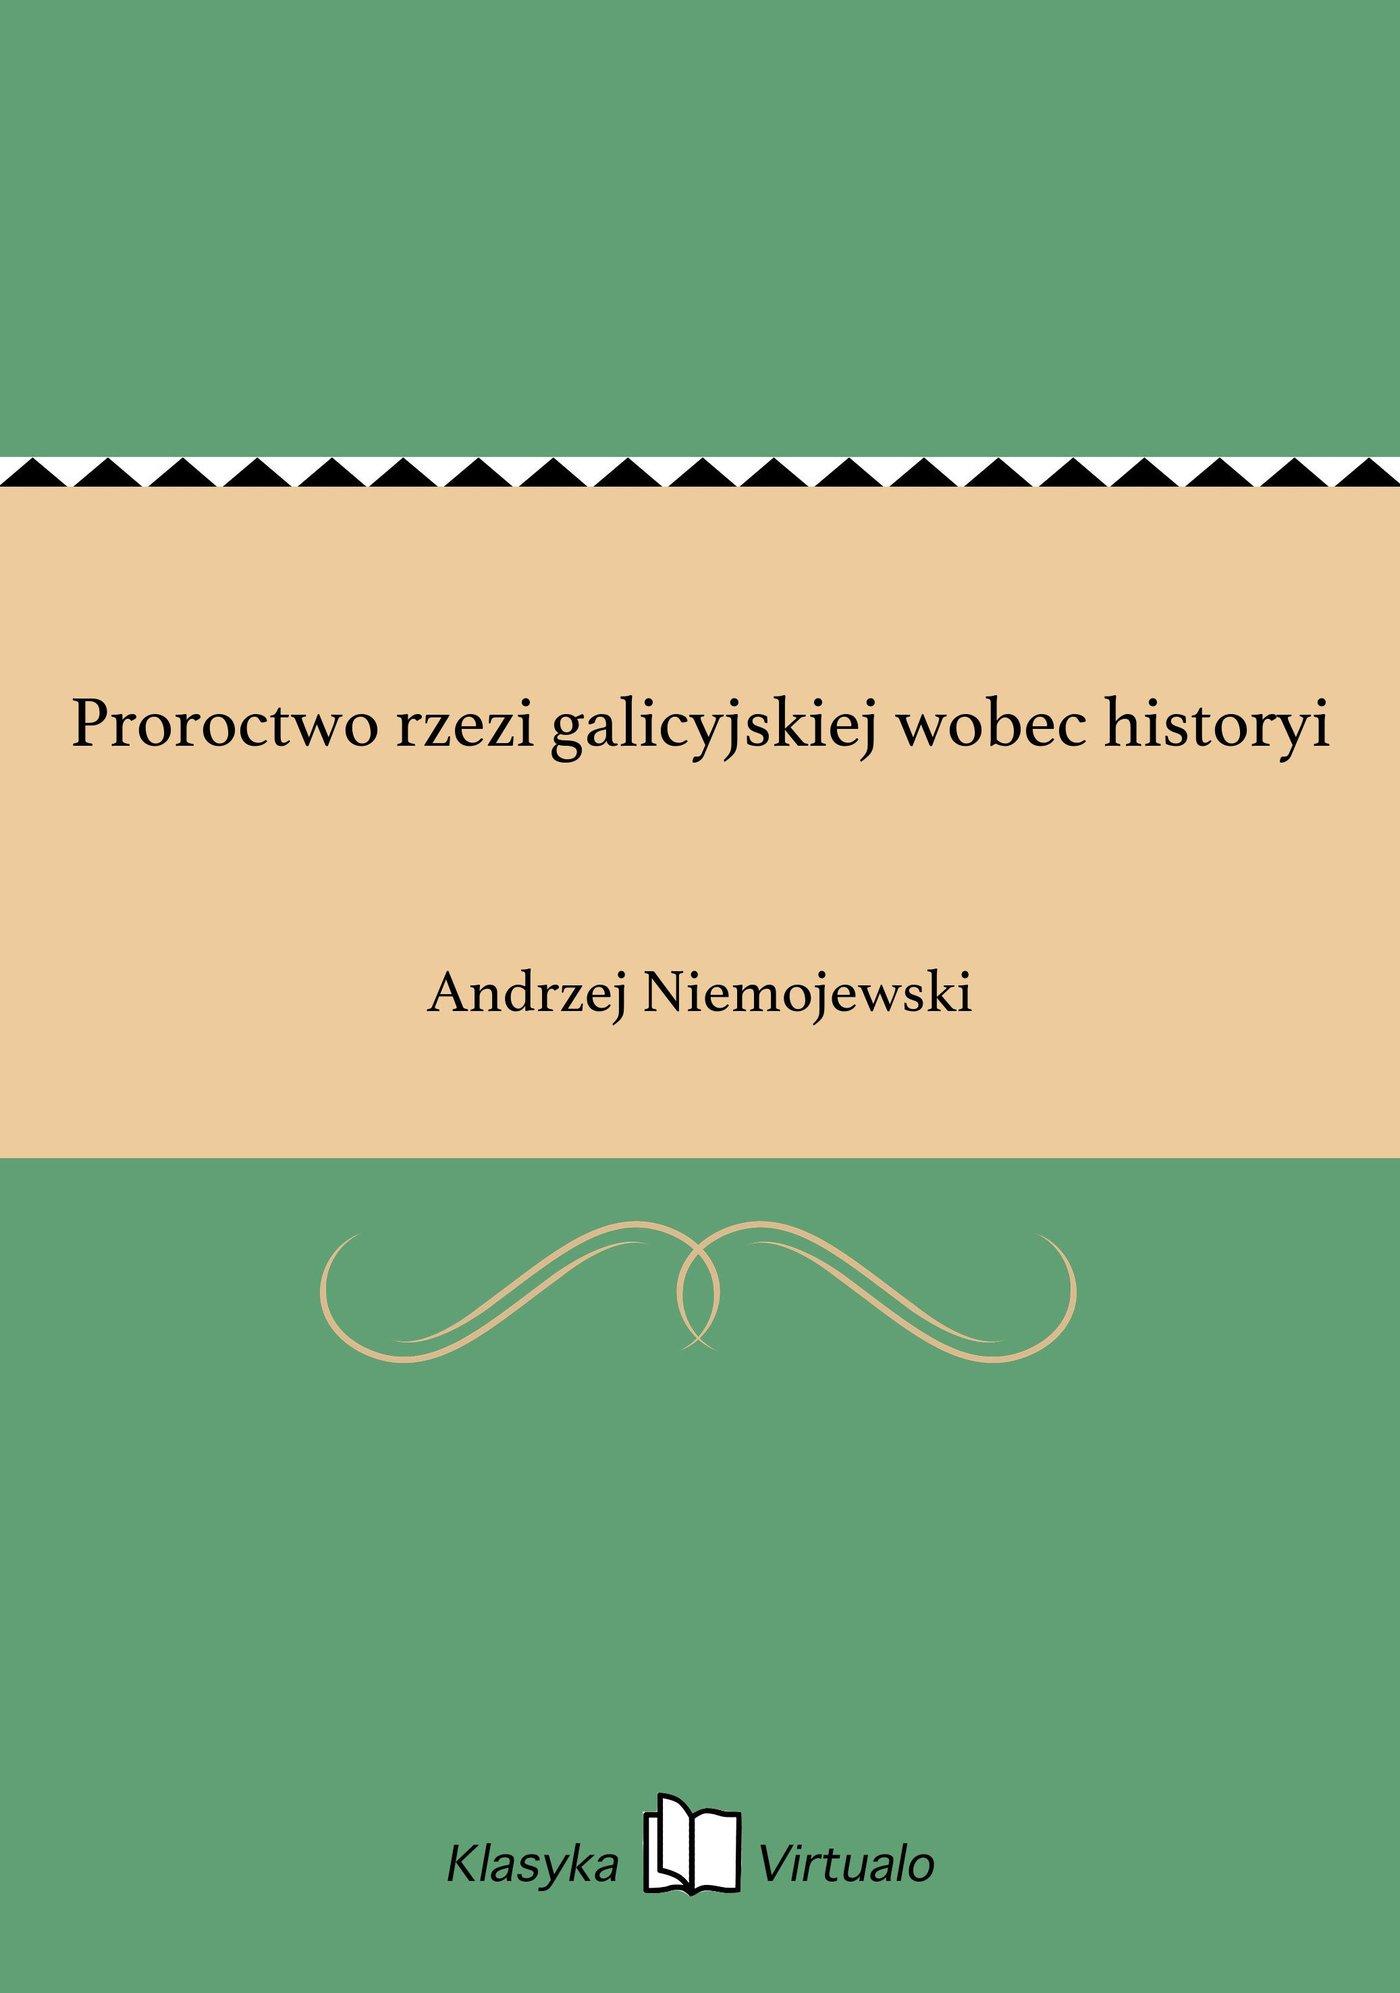 Proroctwo rzezi galicyjskiej wobec historyi - Ebook (Książka na Kindle) do pobrania w formacie MOBI